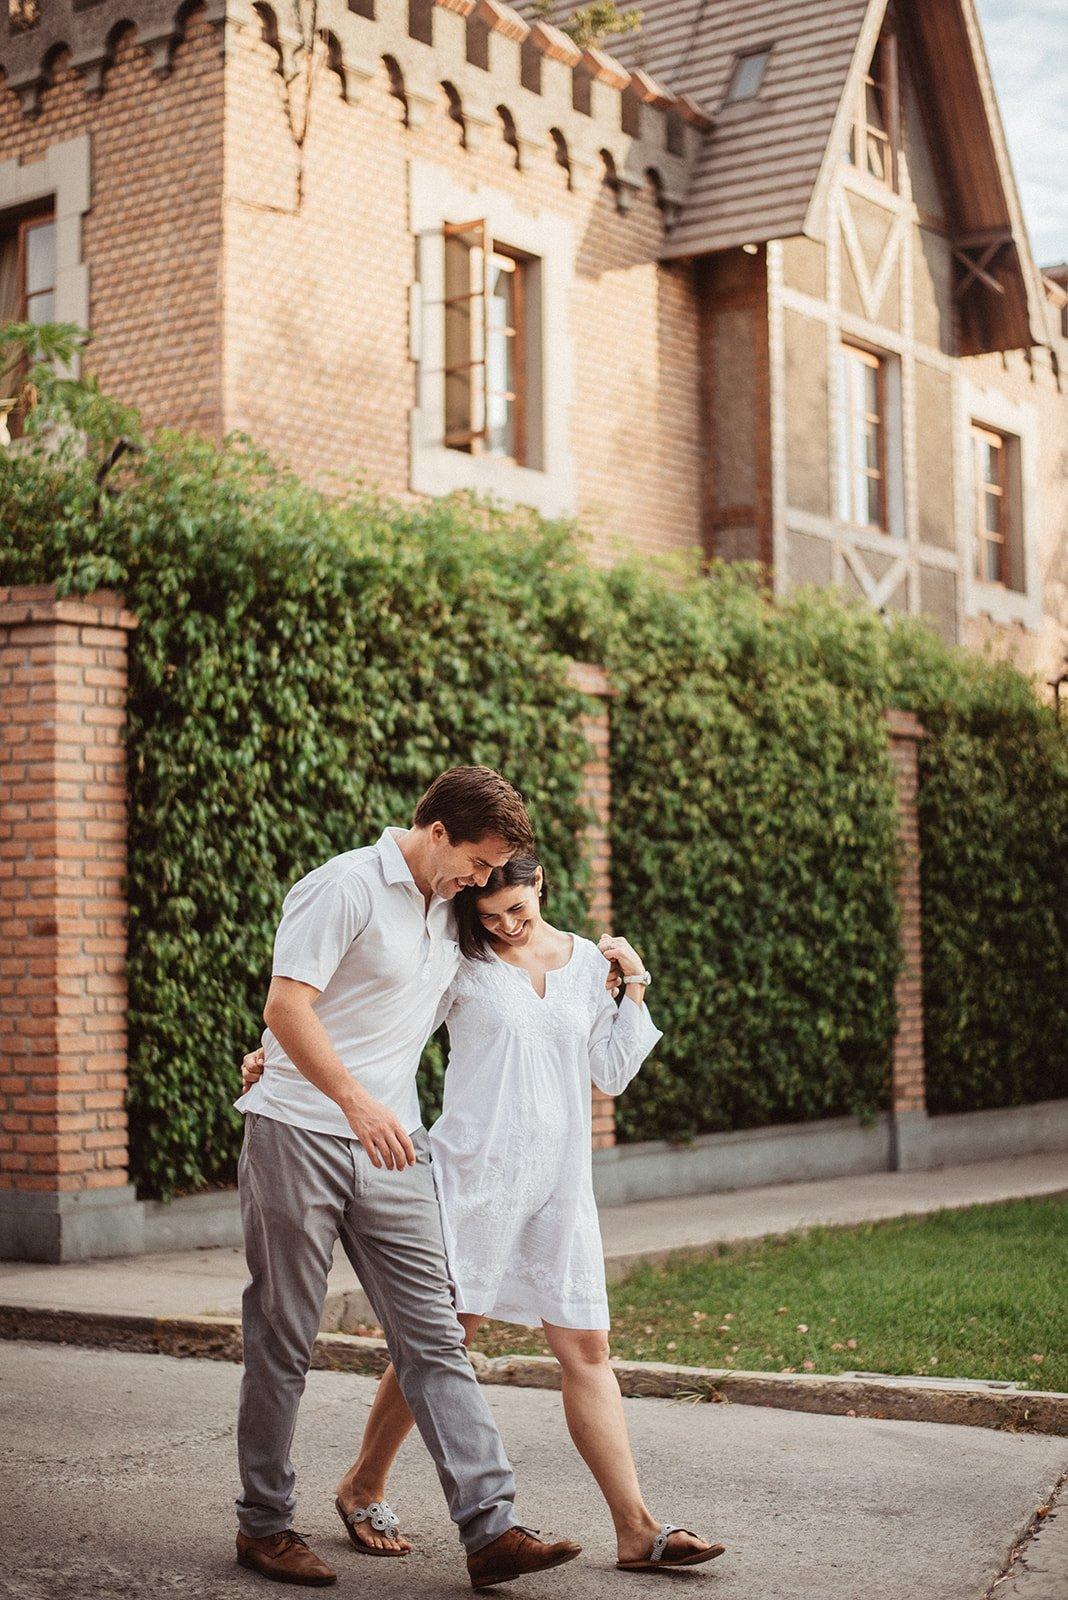 Sesion Pre Boda en Parque el olivar, parejas